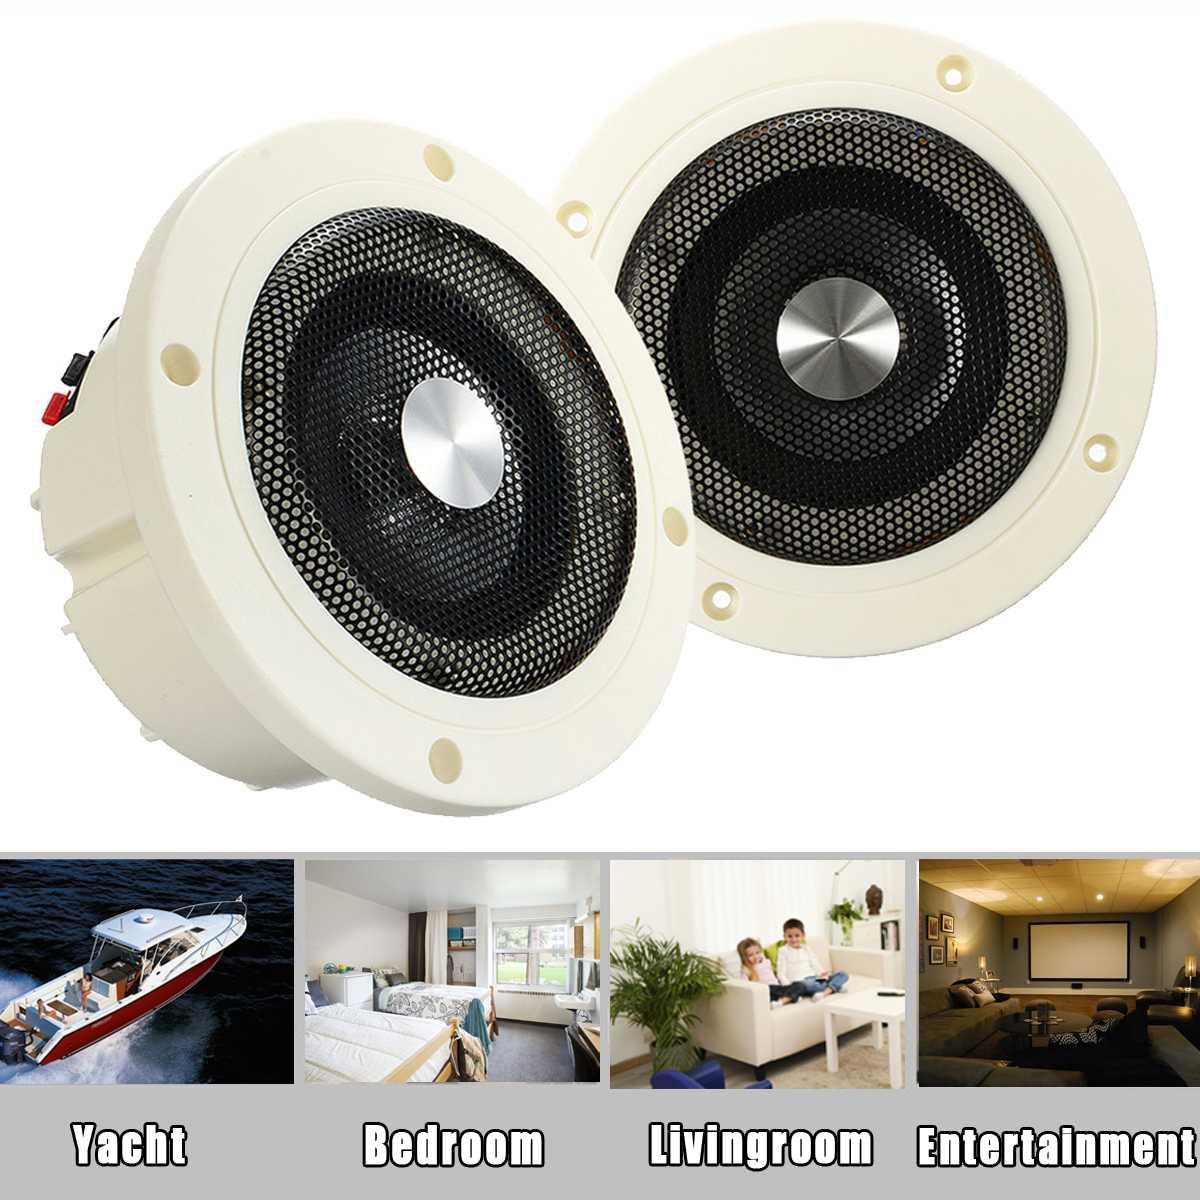 Pair 30W Waterproof Ceiling Speakers Boat ATV UTV Marine Stereo Audio Speakers Indoor Outdoor Music Player